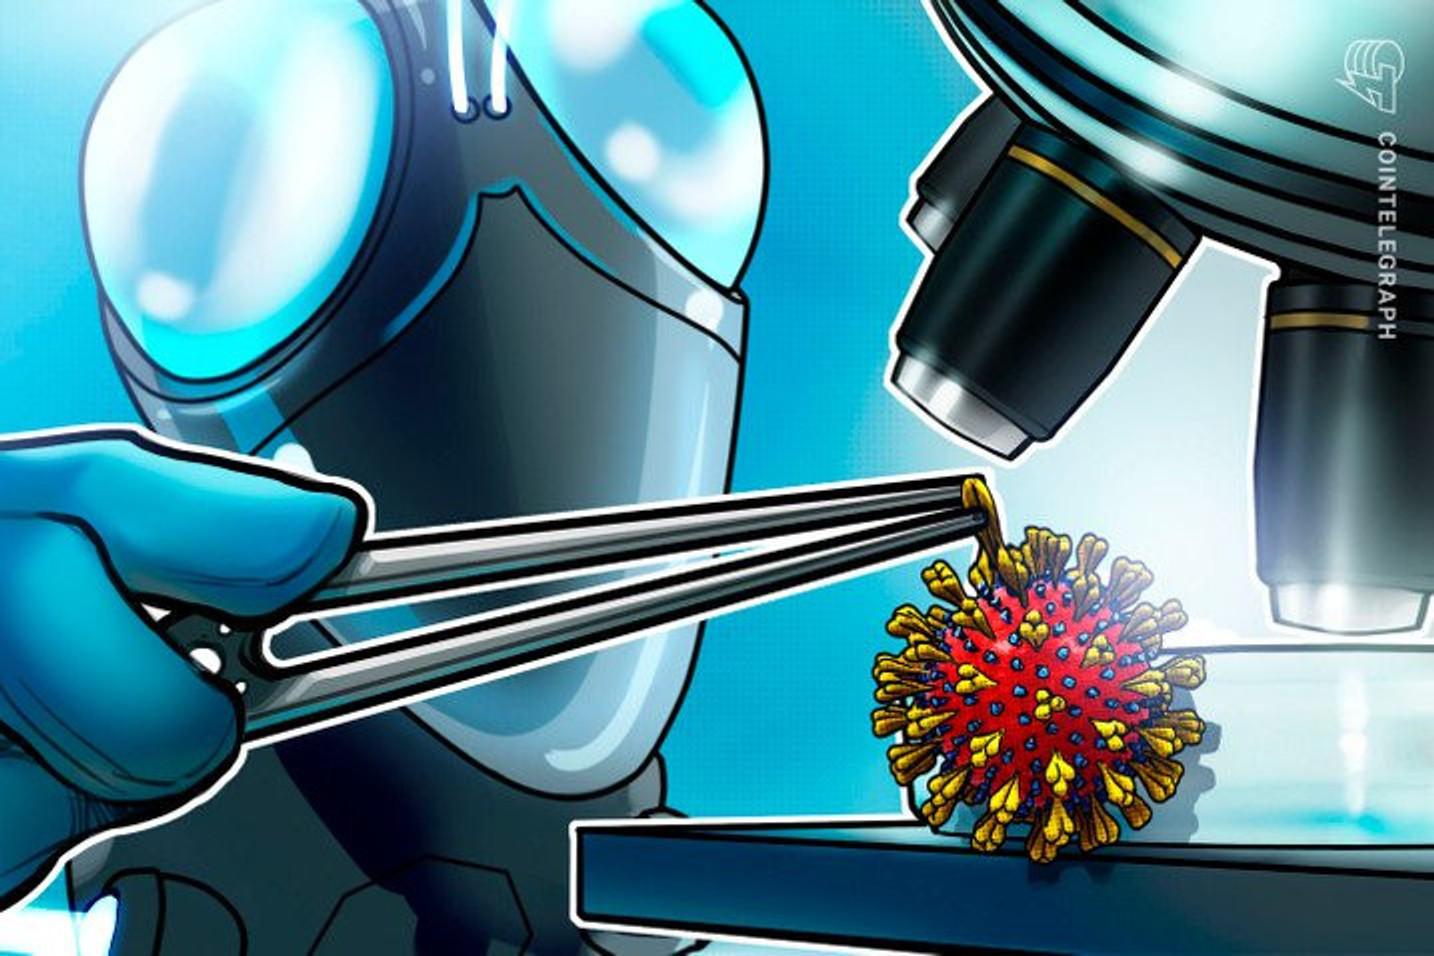 Tecnologia blockchain pode ajudar na prevenção de novas pandemias como a do coronavírus, diz especialista